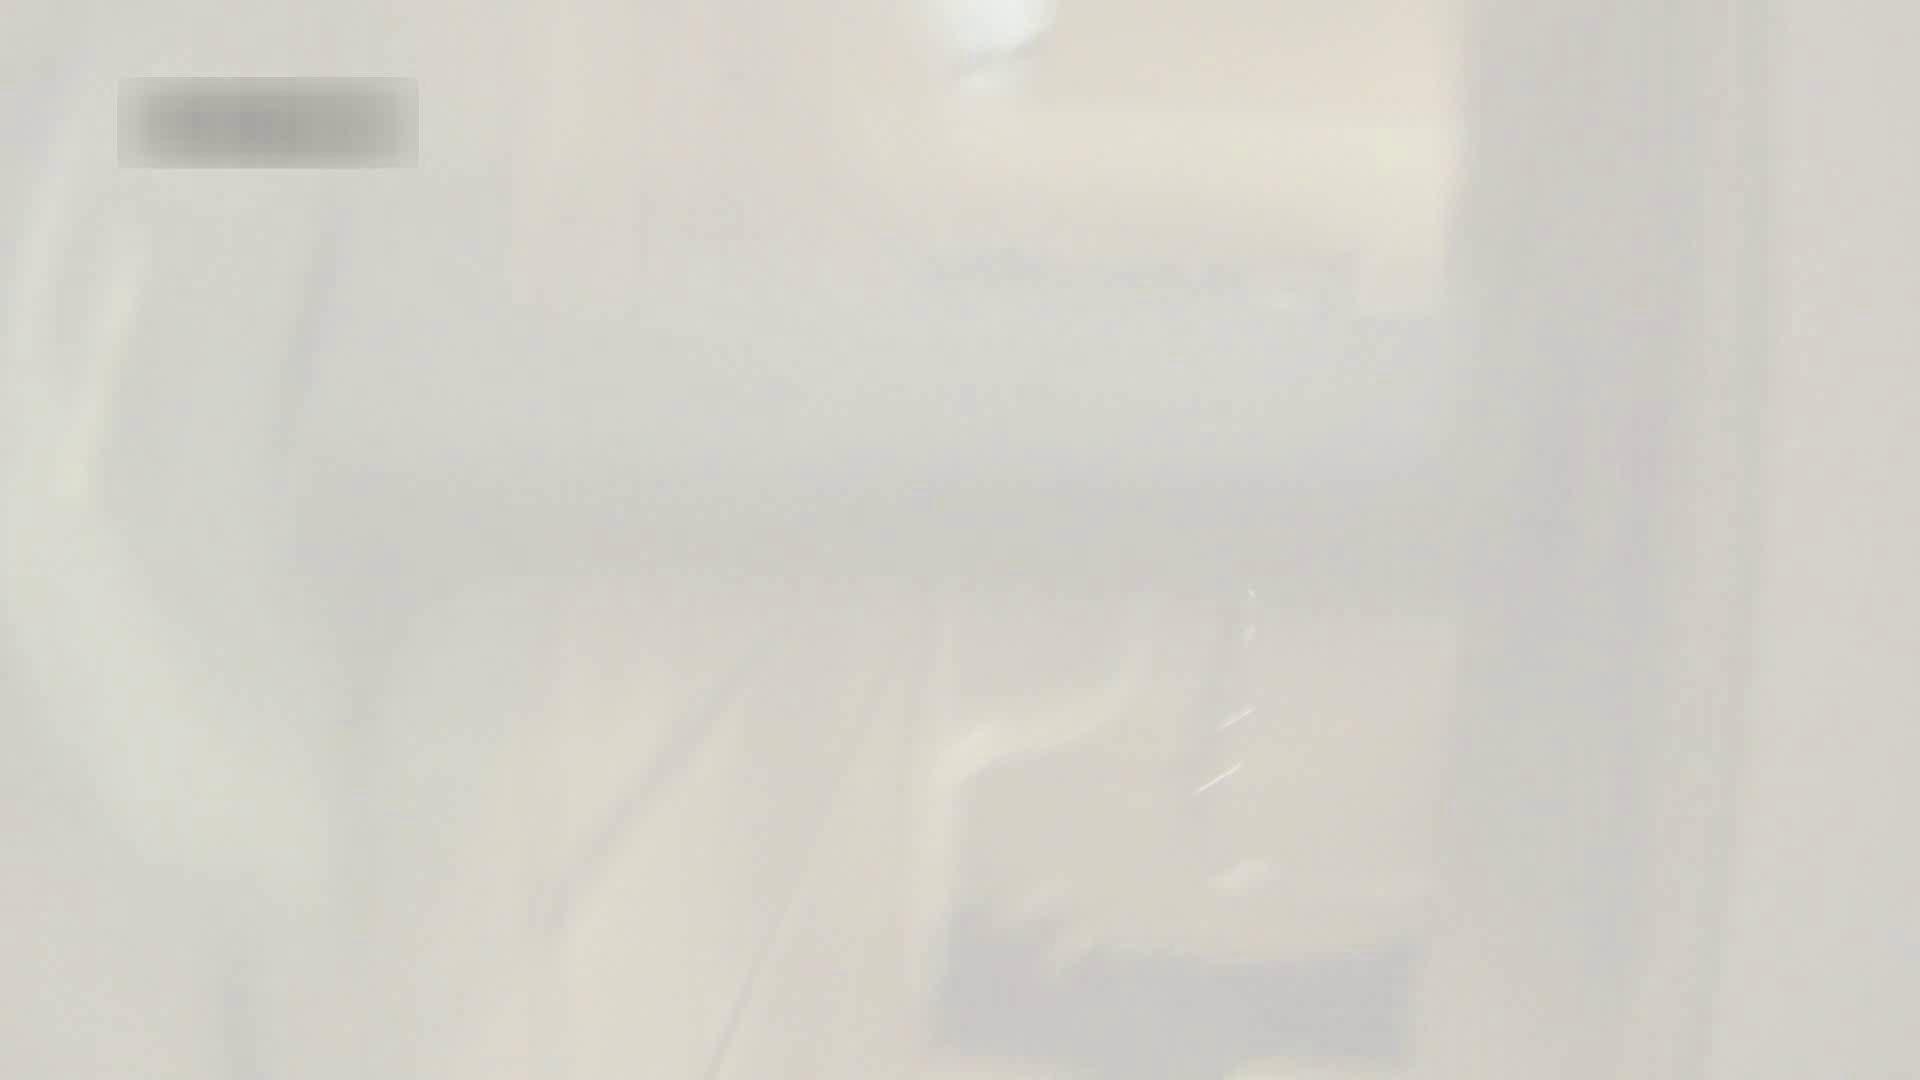 お姉さんの恥便所盗撮! Vol.6 リアル便所潜入 オマンコ無修正動画無料 105画像 87